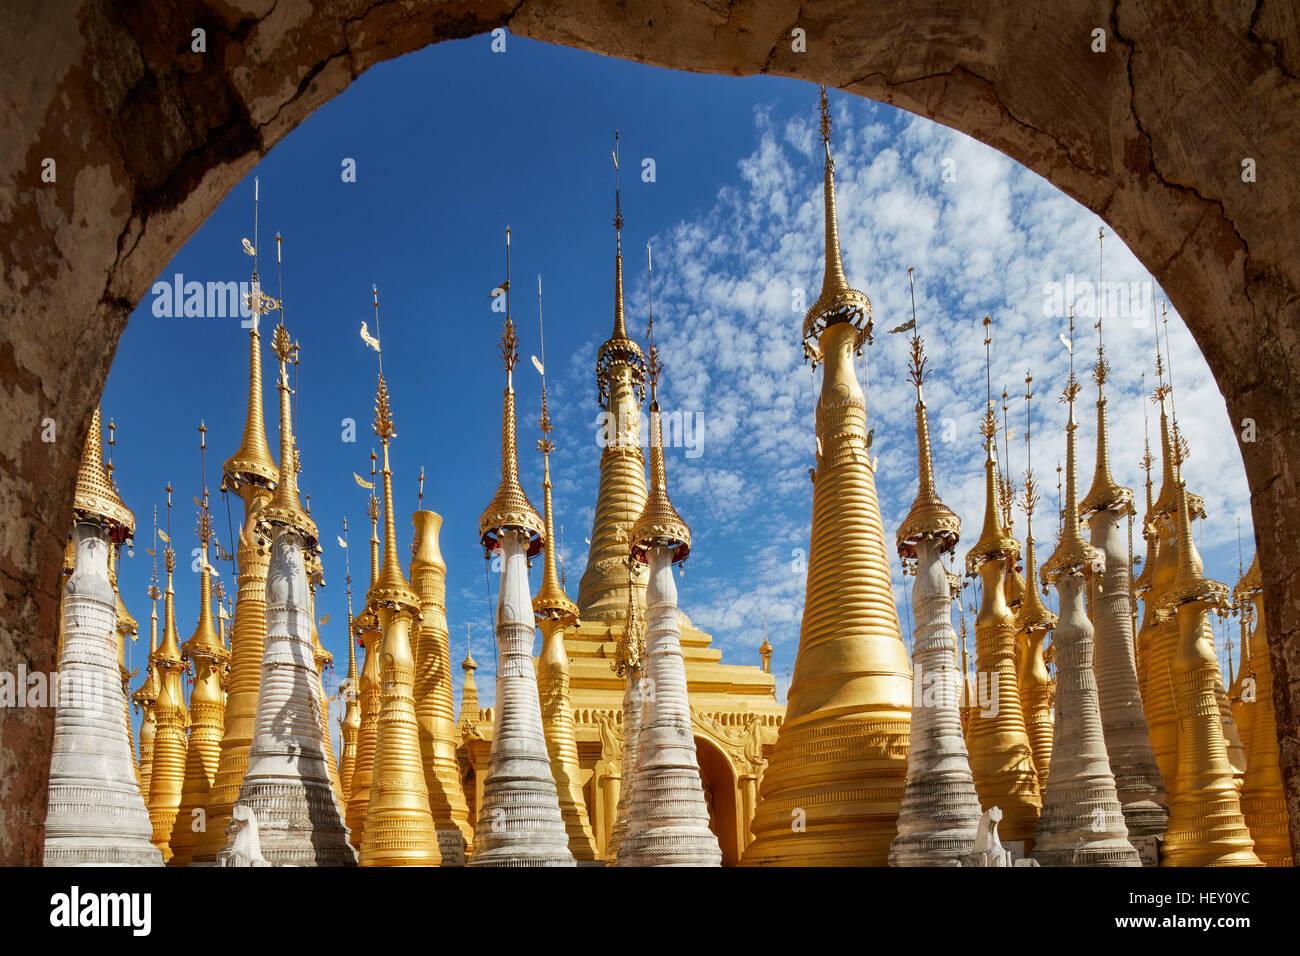 Shwe Inn Dain Pagoda, Inle Lake, Mynamar - Stock Image